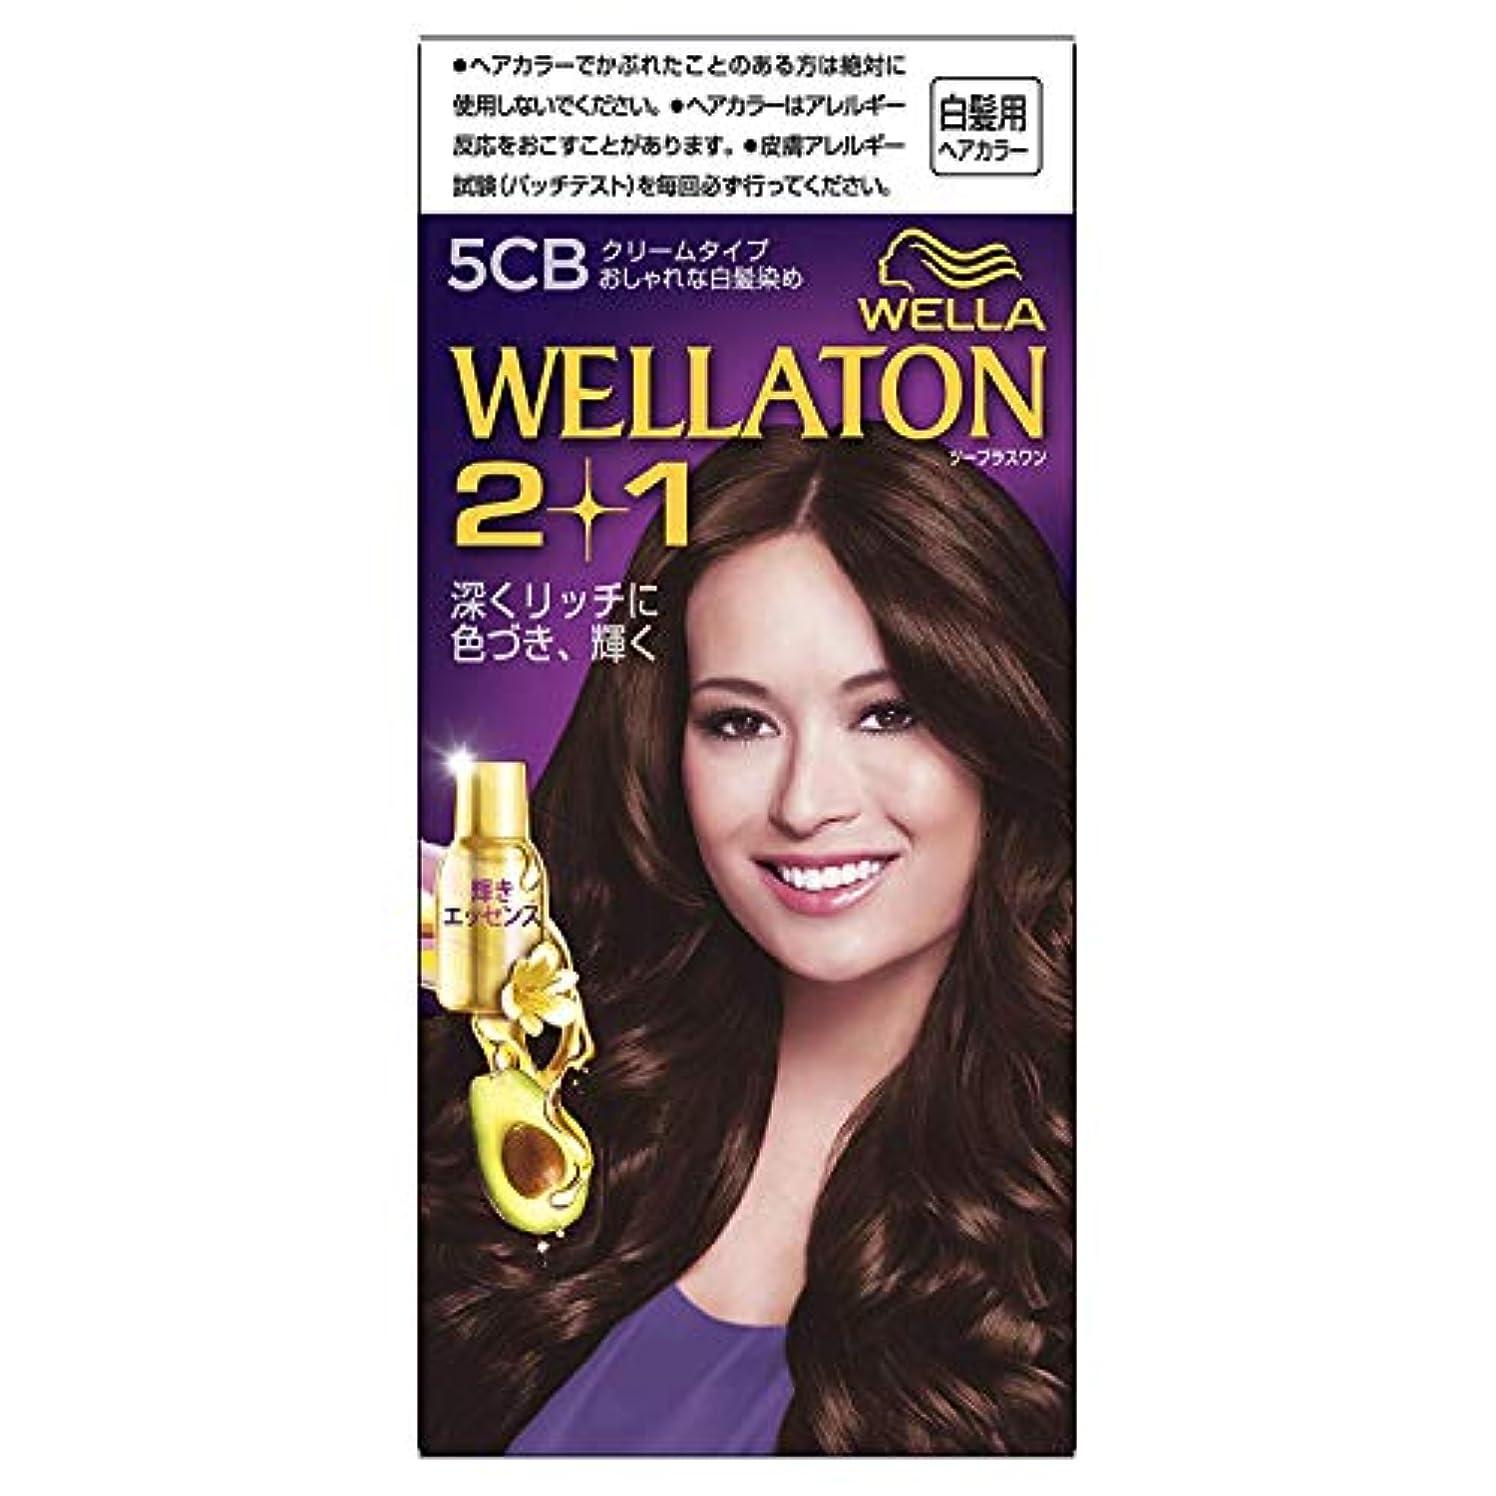 まつげ階安心ウエラトーン2+1 白髪染め クリームタイプ 5CB [医薬部外品] ×6個